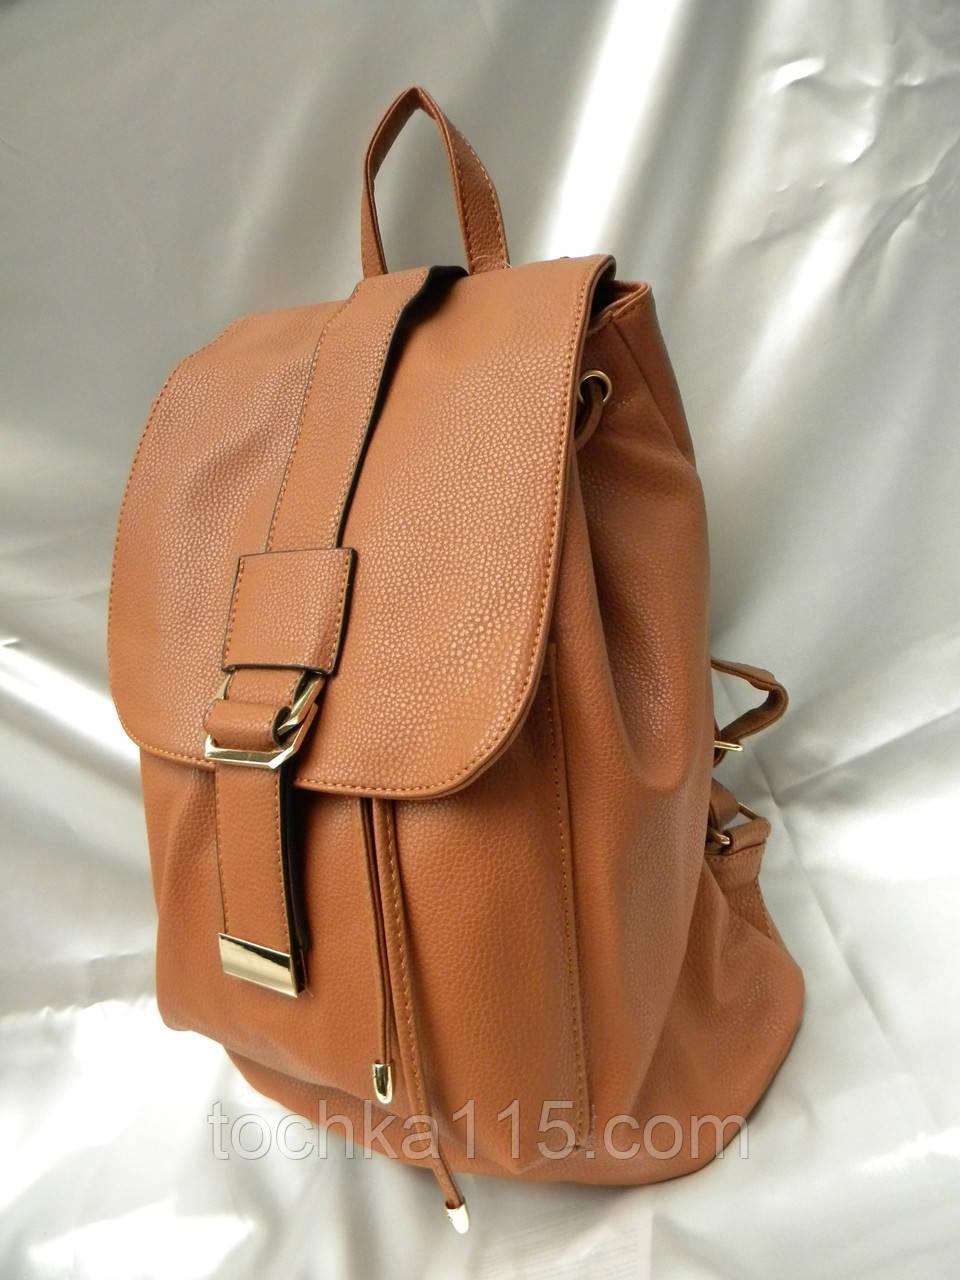 Женский рюкзак, рюкзак для девочек, модный рюкзак, рюкзак для модниц